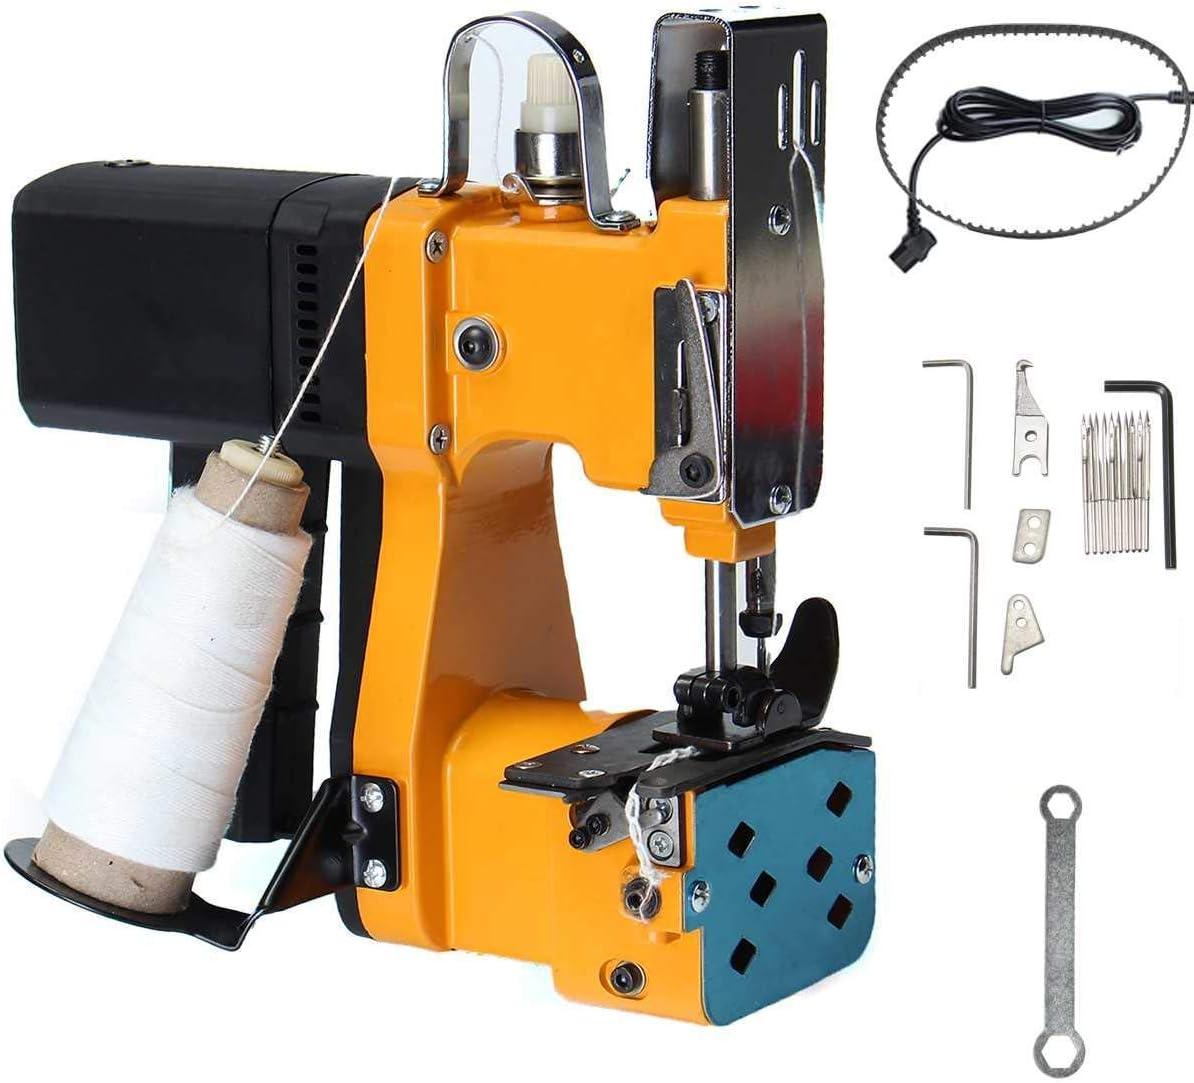 Portátil Máquina de coser eléctrica máquinas de sellado Kit de Inicio Industrial Textil Bolsa portátil Más cerca de la máquina de costura, 220V, Amarillo SluoYiS (Size : Yellow)